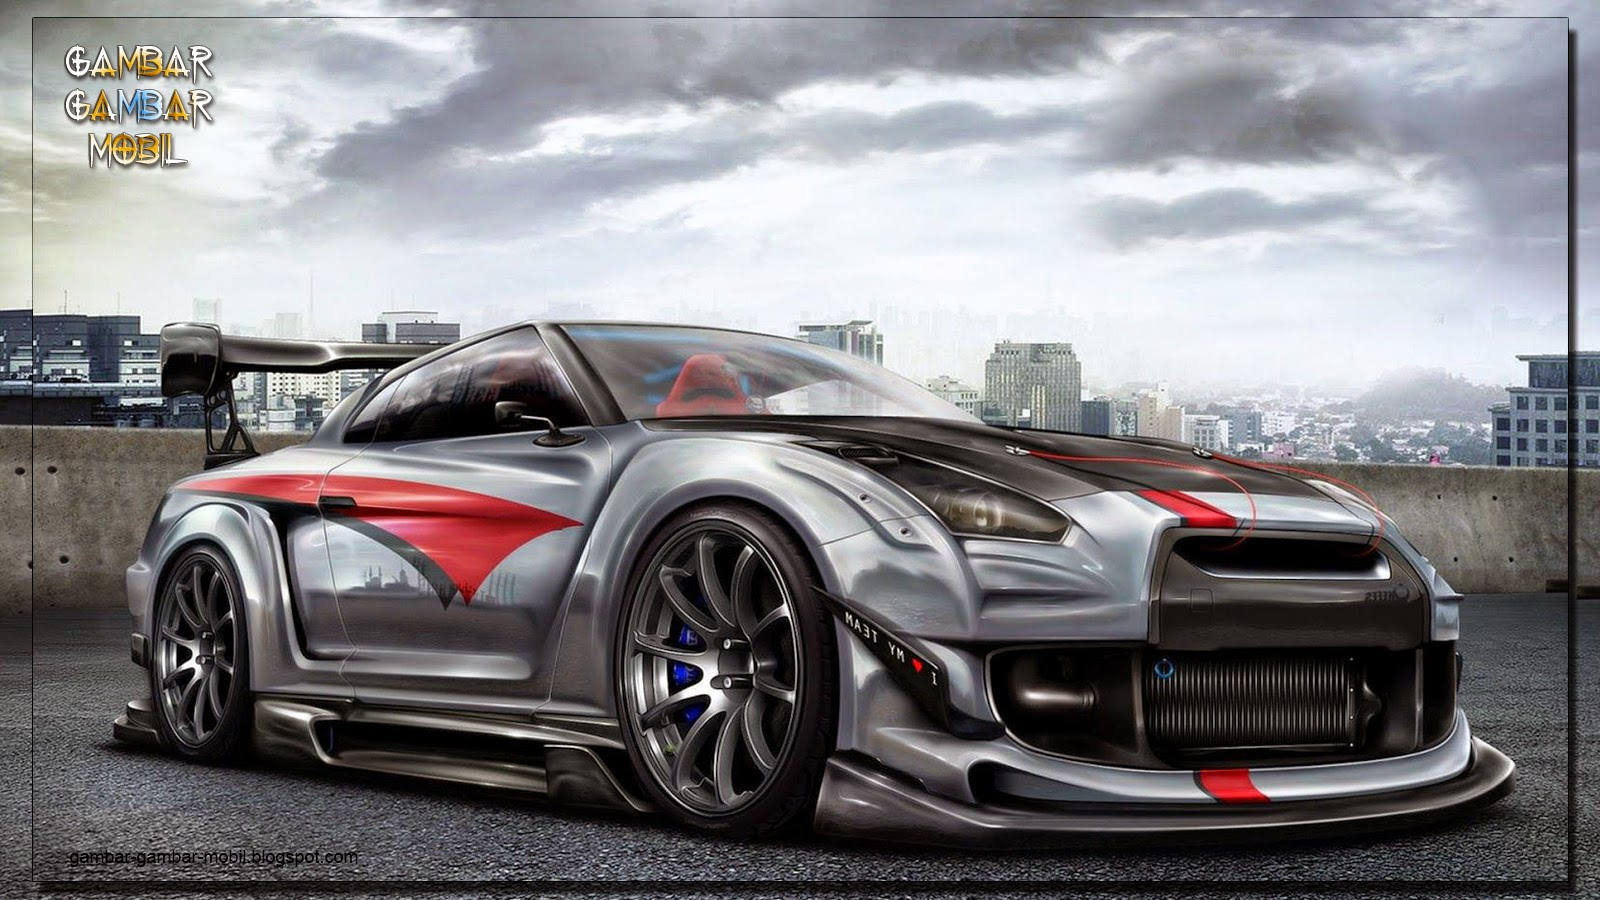 Gambar mobil sport modifikasi - Gambar Gambar Mobil